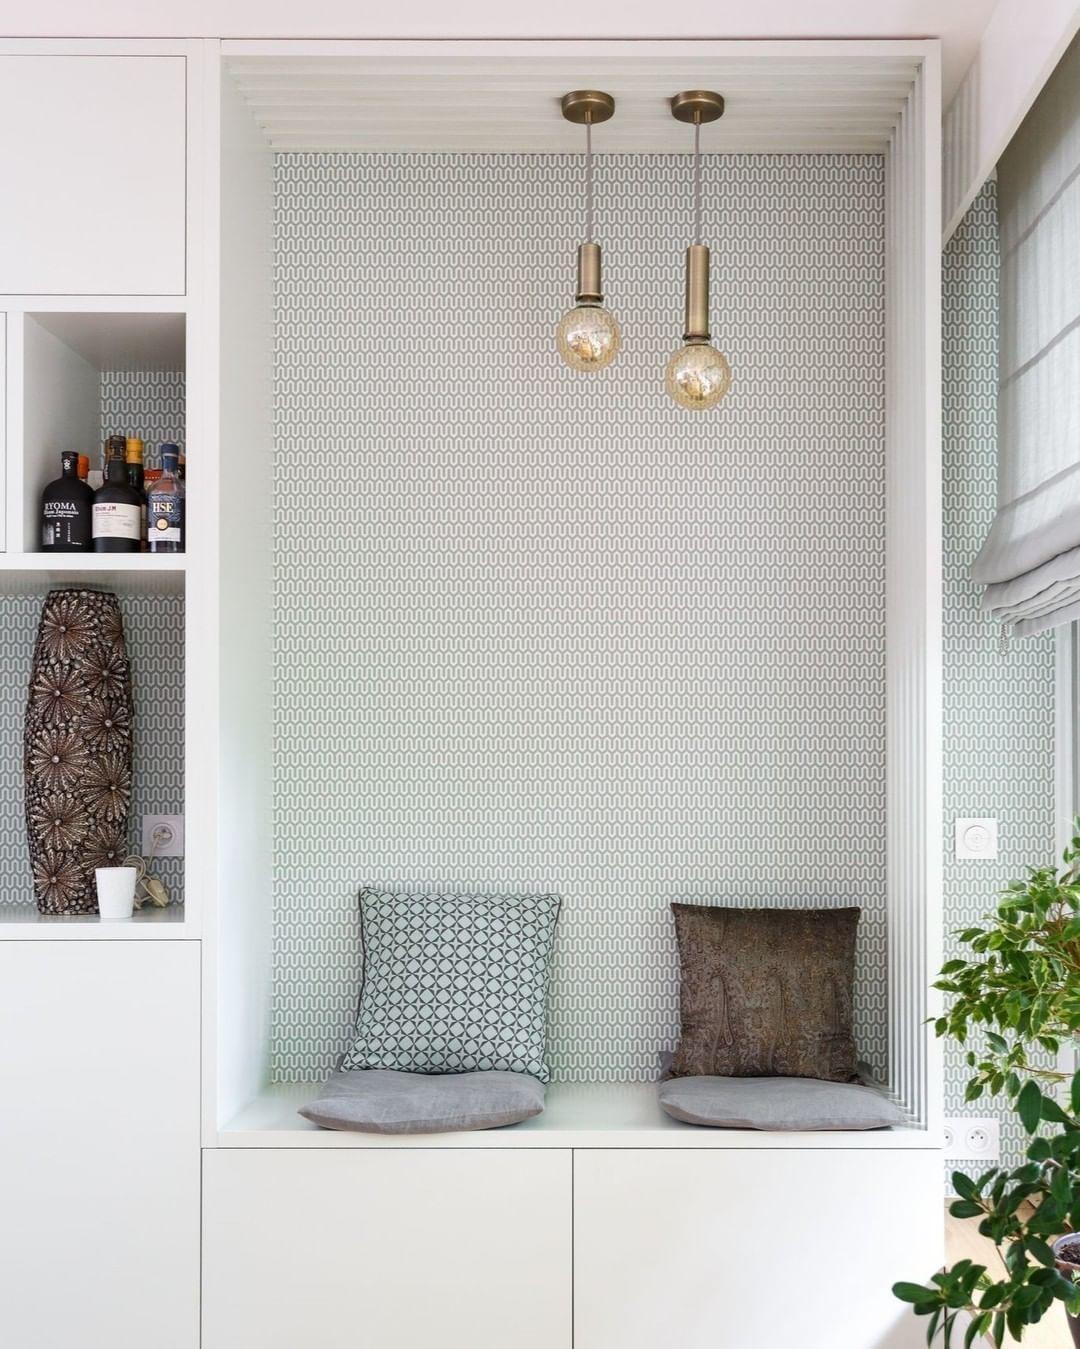 Au Fil Des Couleurs On Instagram Le Papier Peint Geometrique Ypsilon De Borastaper Est Une Jolie Proposition Graphi Rangement Maison Mobilier De Salon Maison